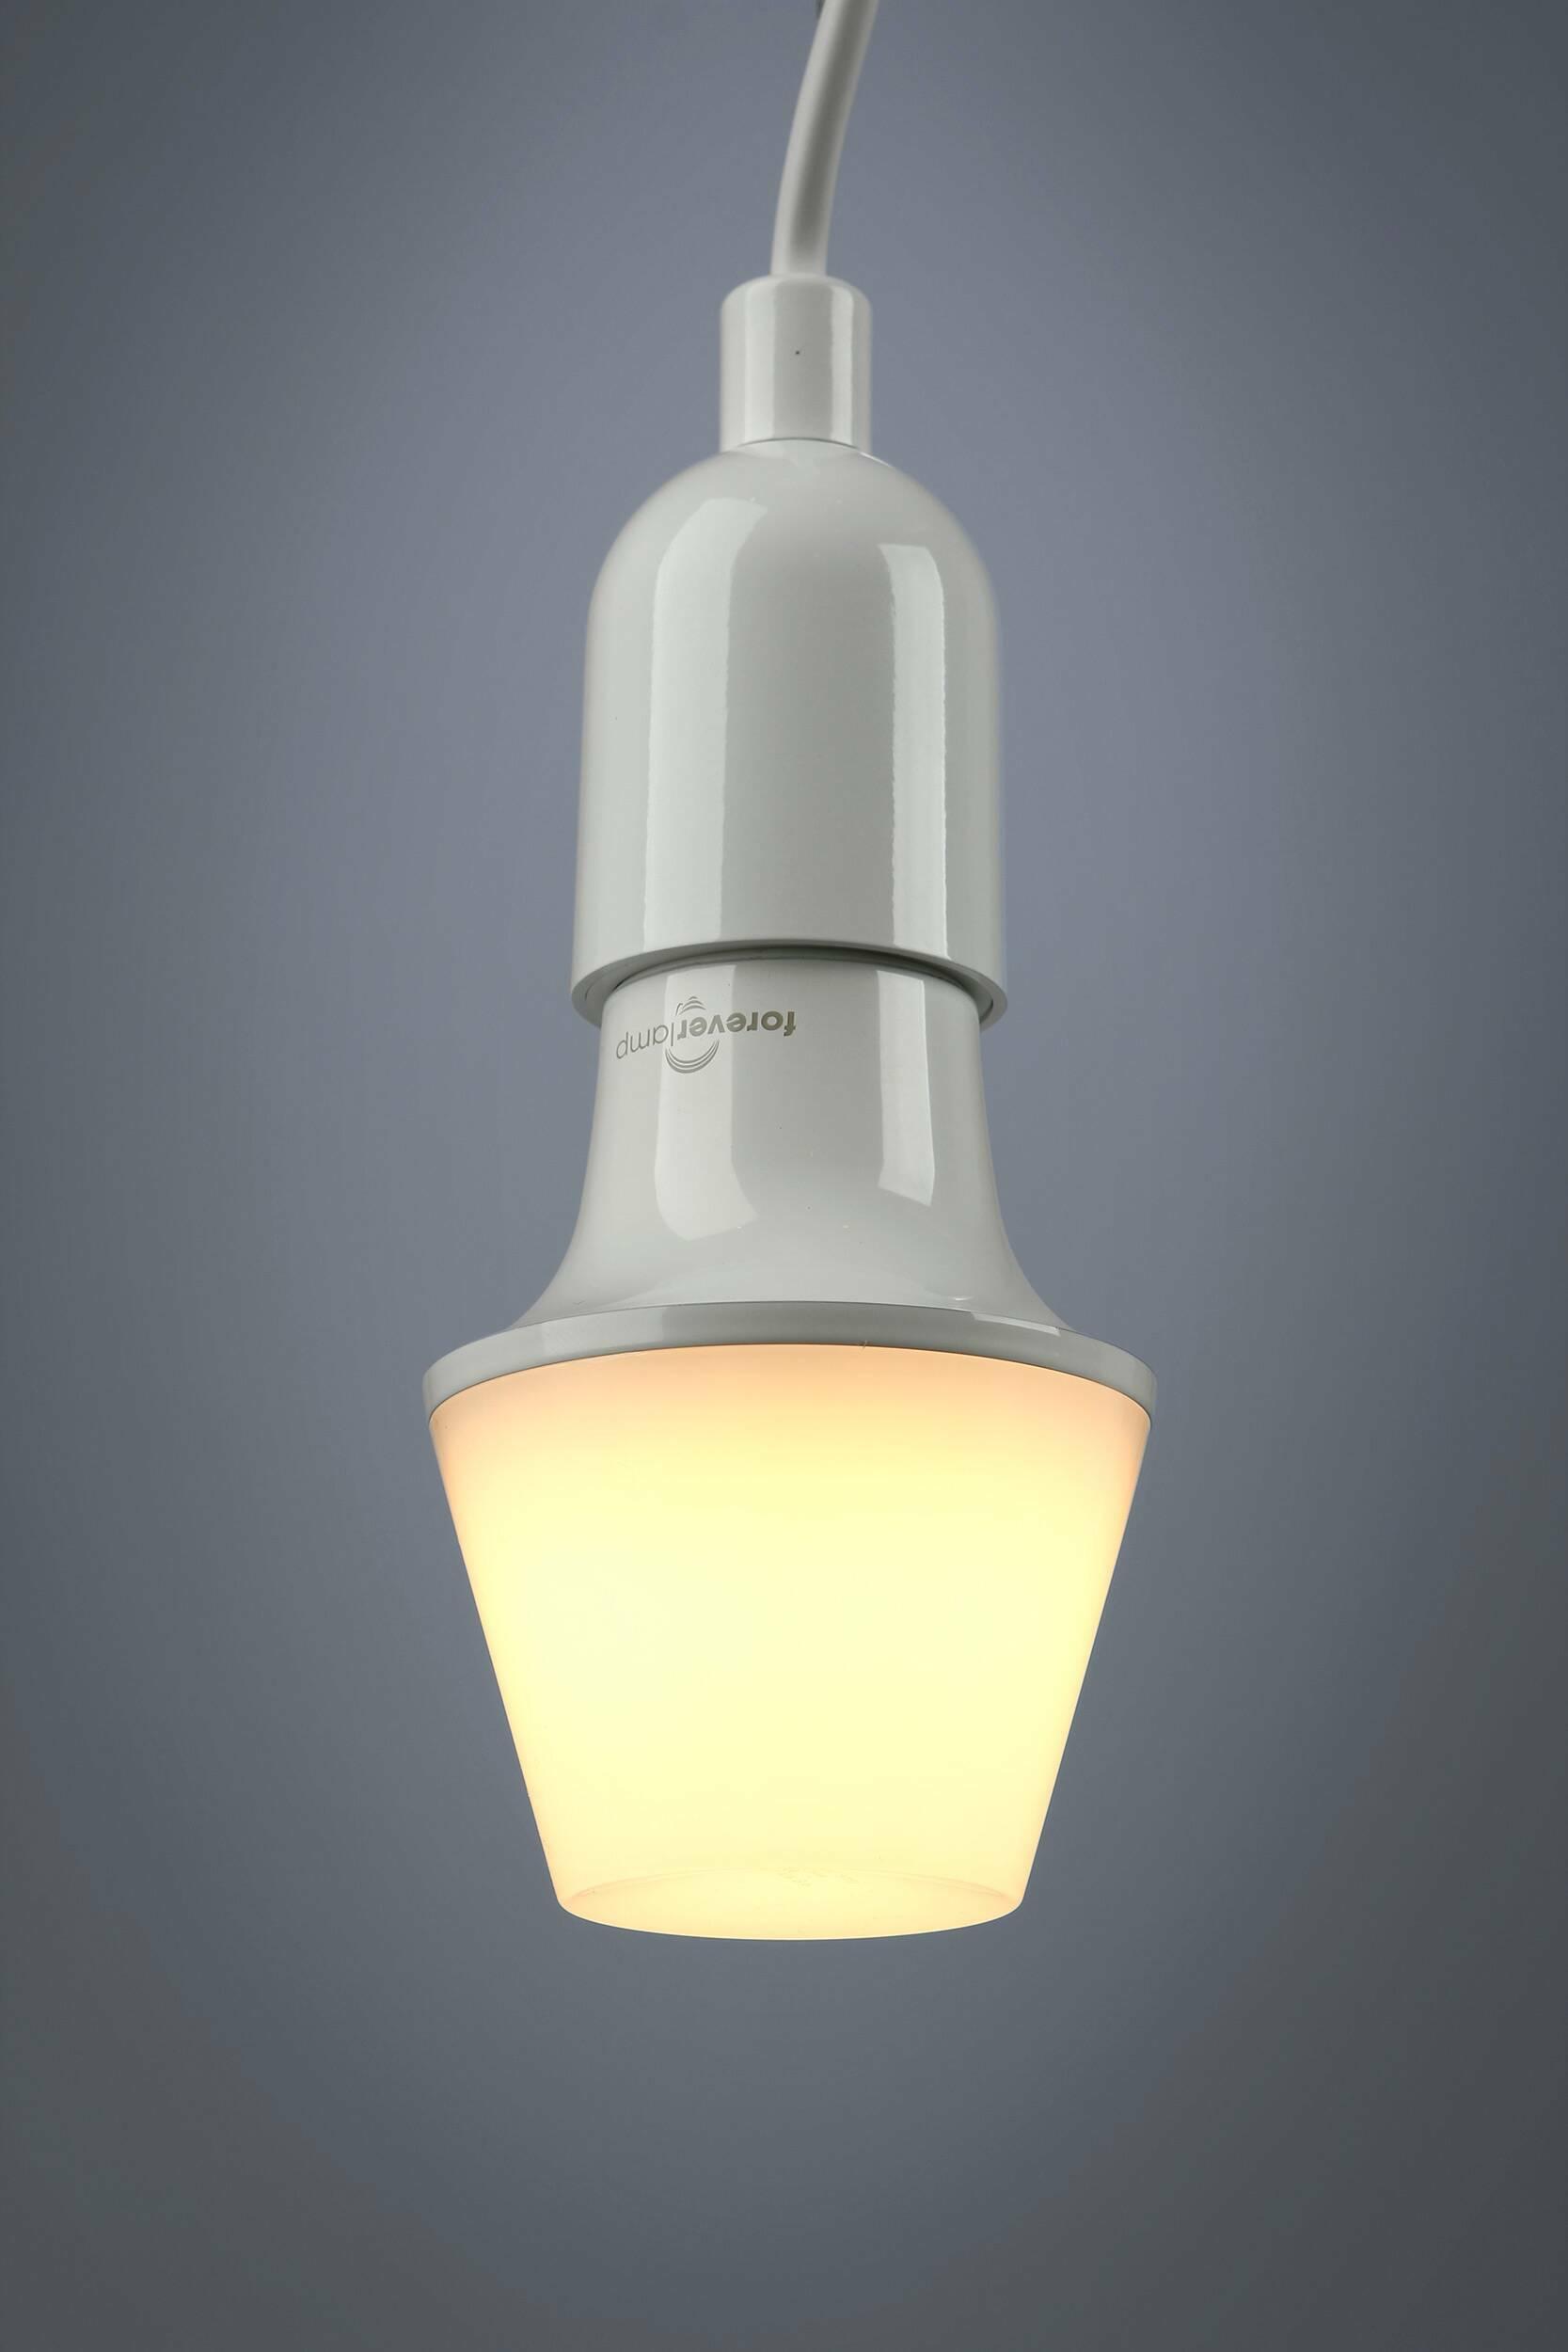 Подвесной светильник Dr Ceiling Abatjour